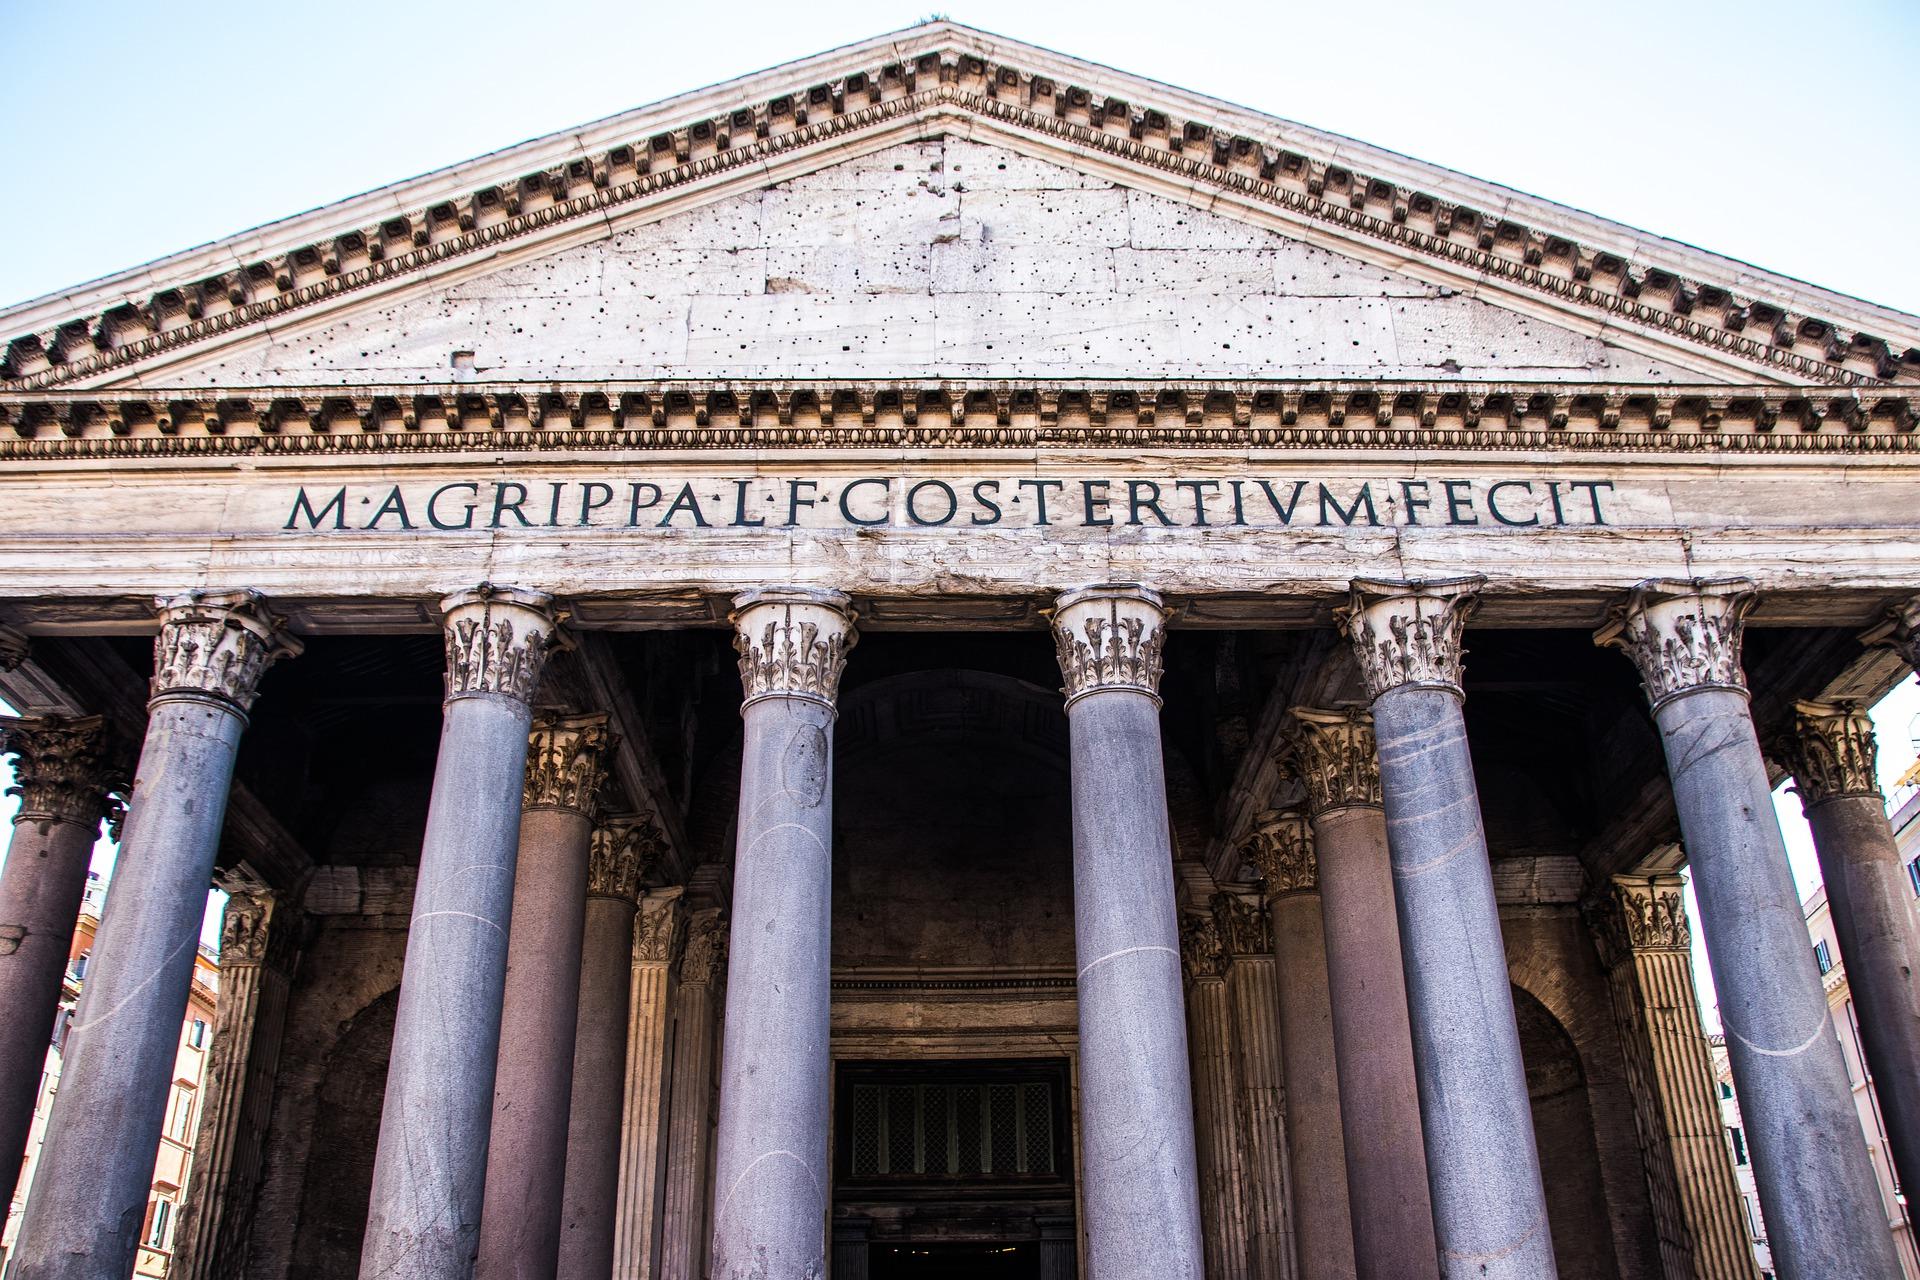 I migliori monumenti gratuiti da visitare a Roma